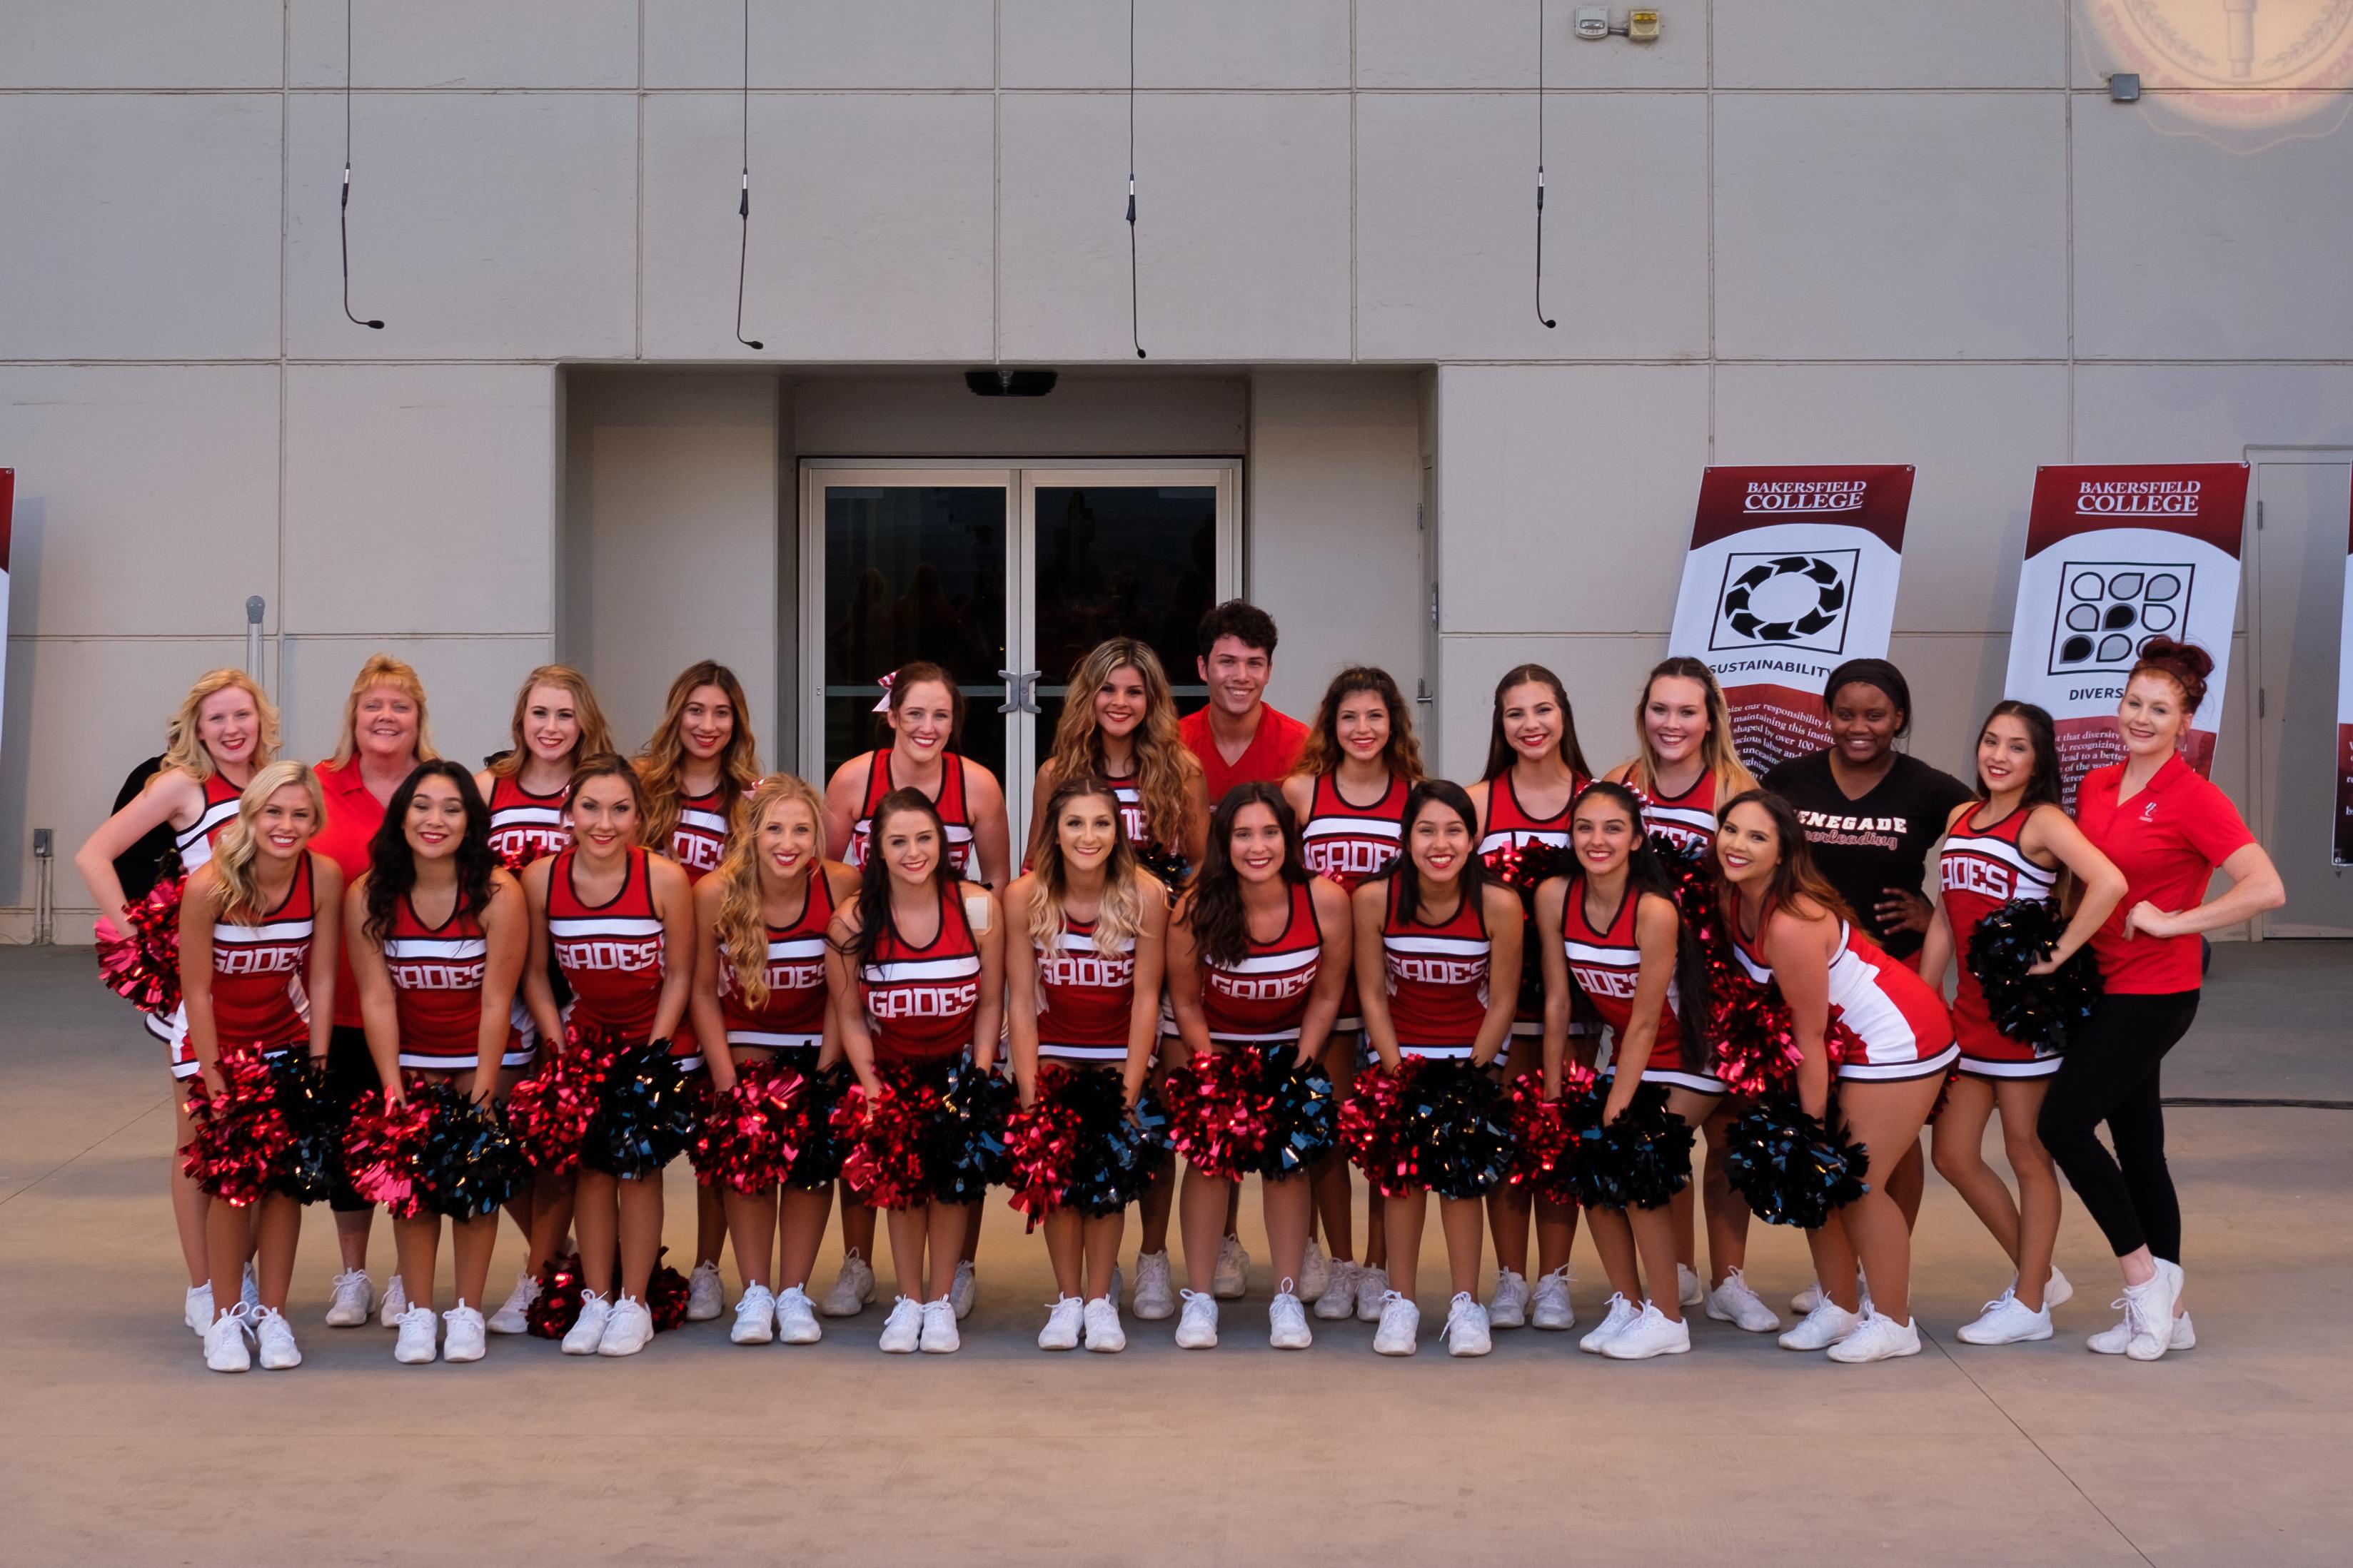 cheerleaders aug 18 2016.jpg